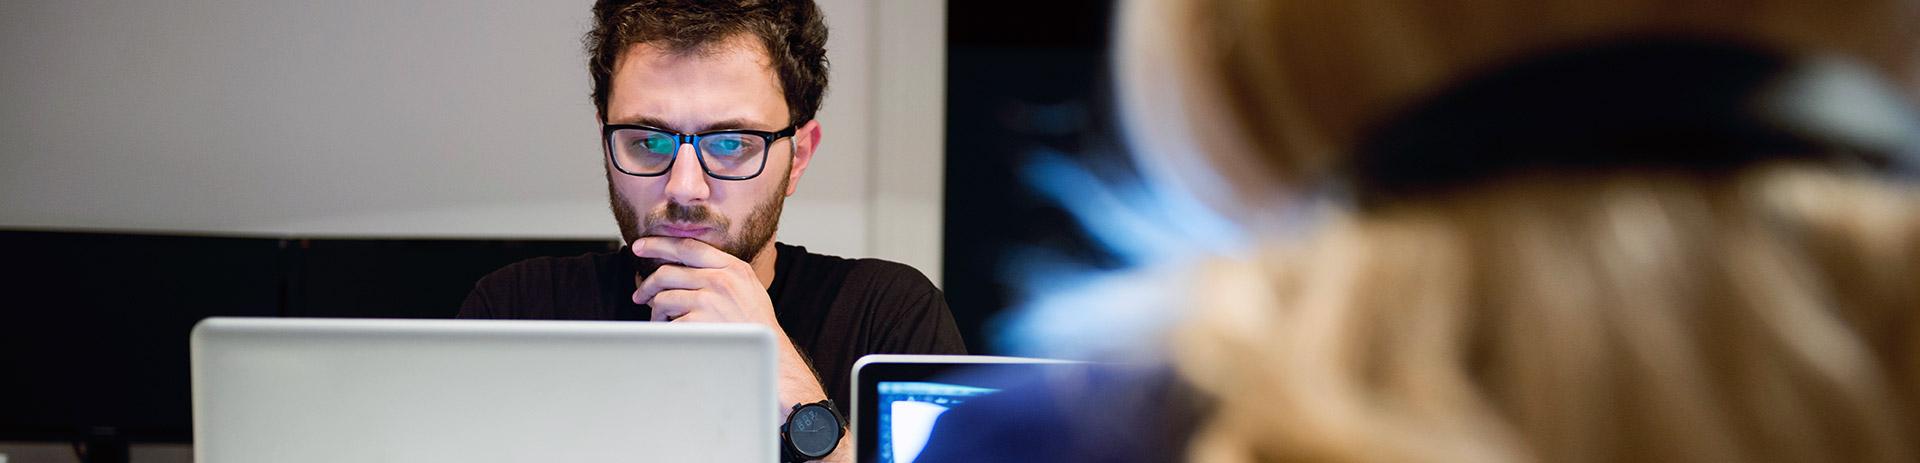 Unternehmer, der konzentriert am Laptop arbeitet